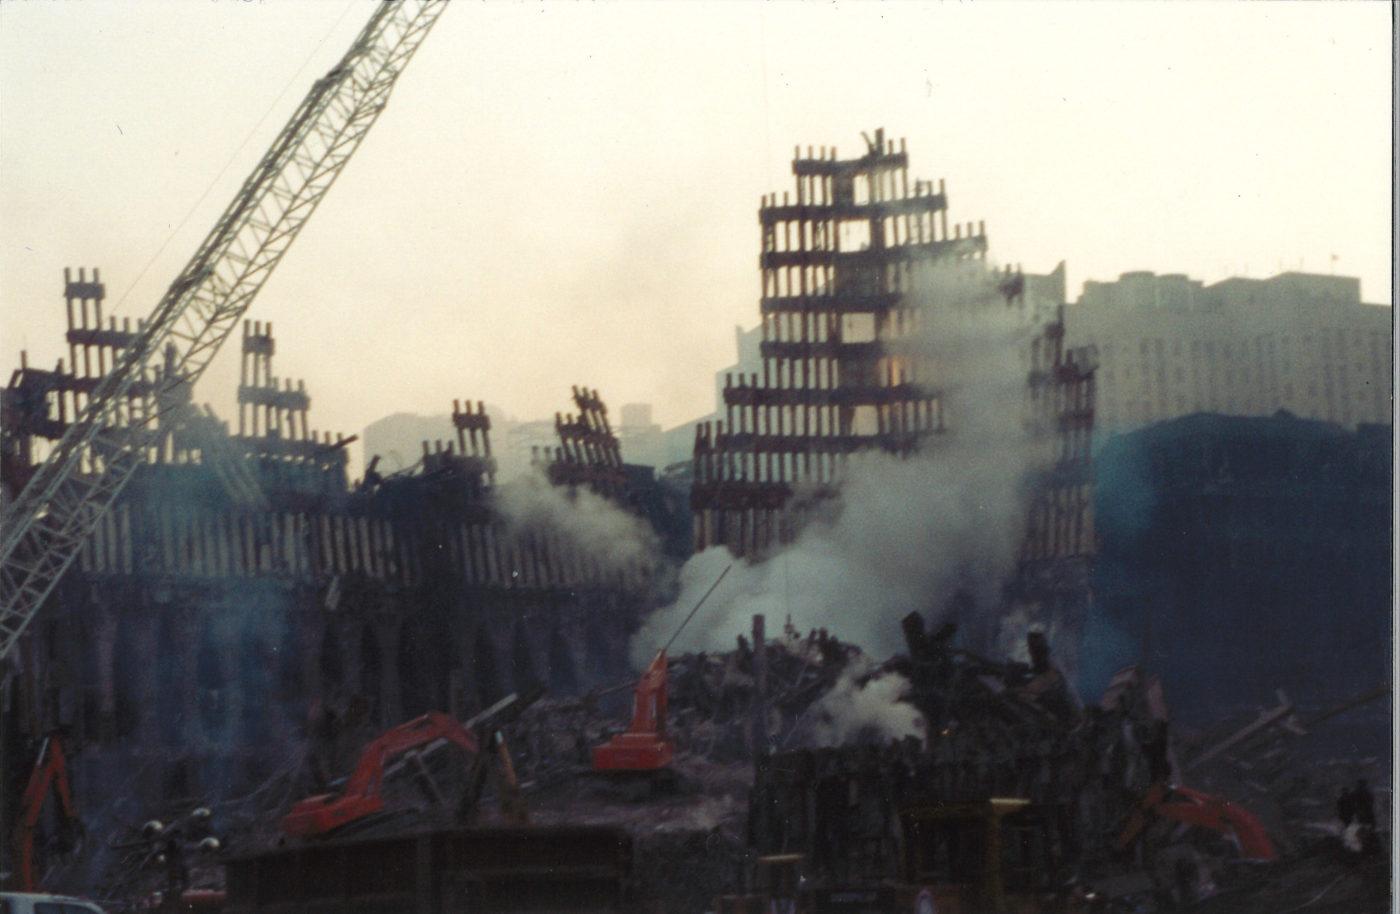 Unstable Exoskeleton and Smoke at Ground Zero